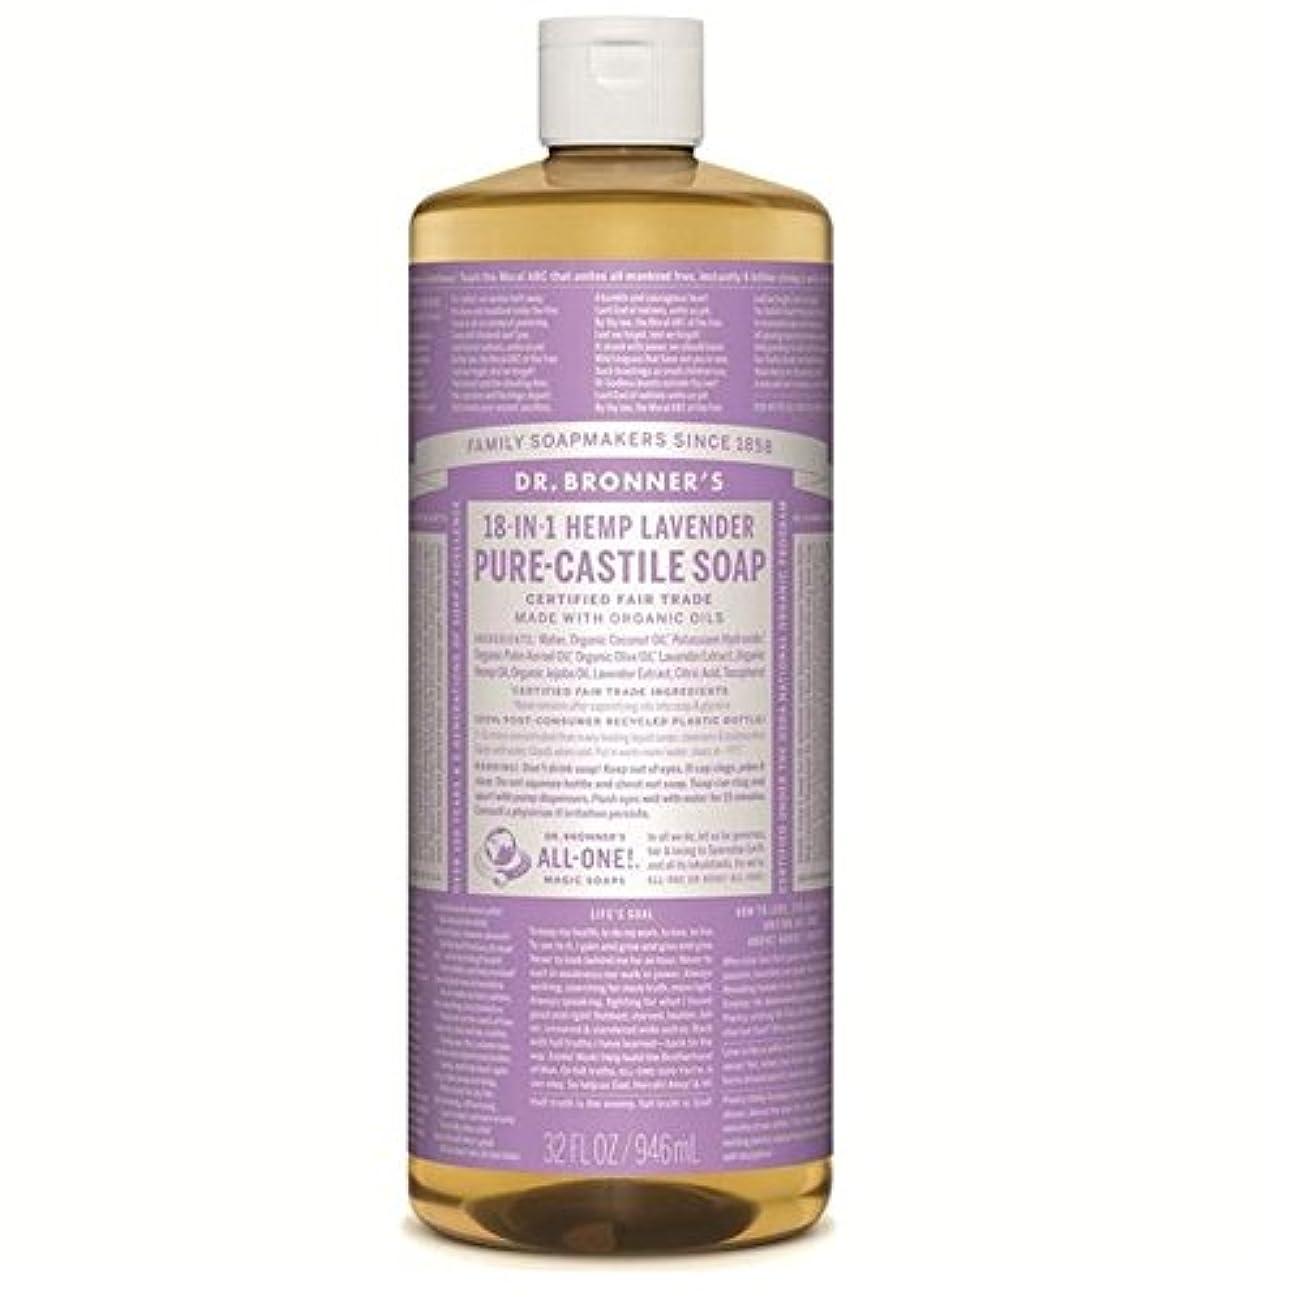 論争的語ヒューバートハドソンのブロナー有機ラベンダーカスティーリャ液体石鹸946ミリリットル x2 - Dr Bronner Organic Lavender Castile Liquid Soap 946ml (Pack of 2) [並行輸入品]